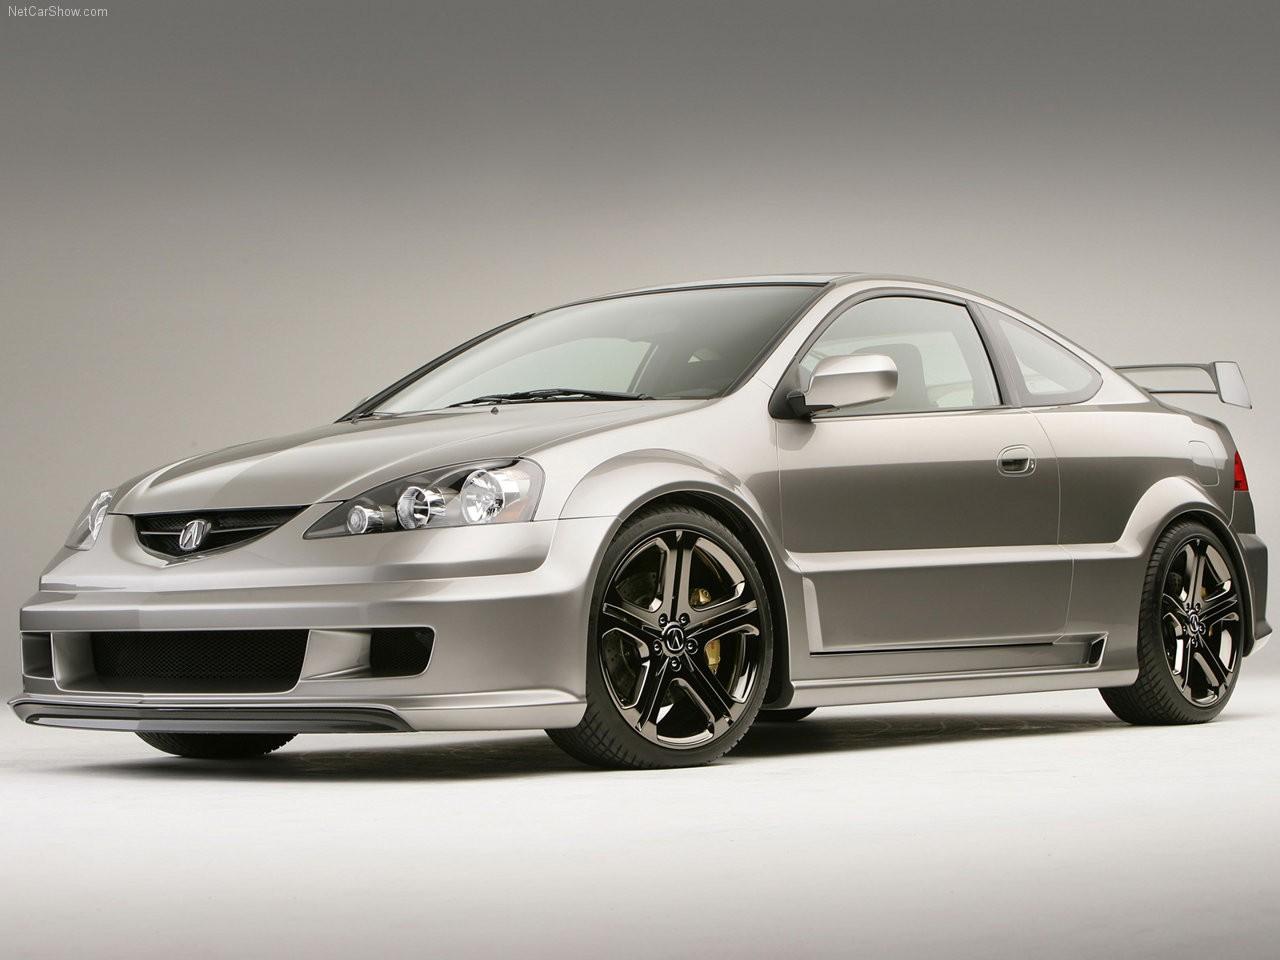 2005 Acura RSX Aspec Concept